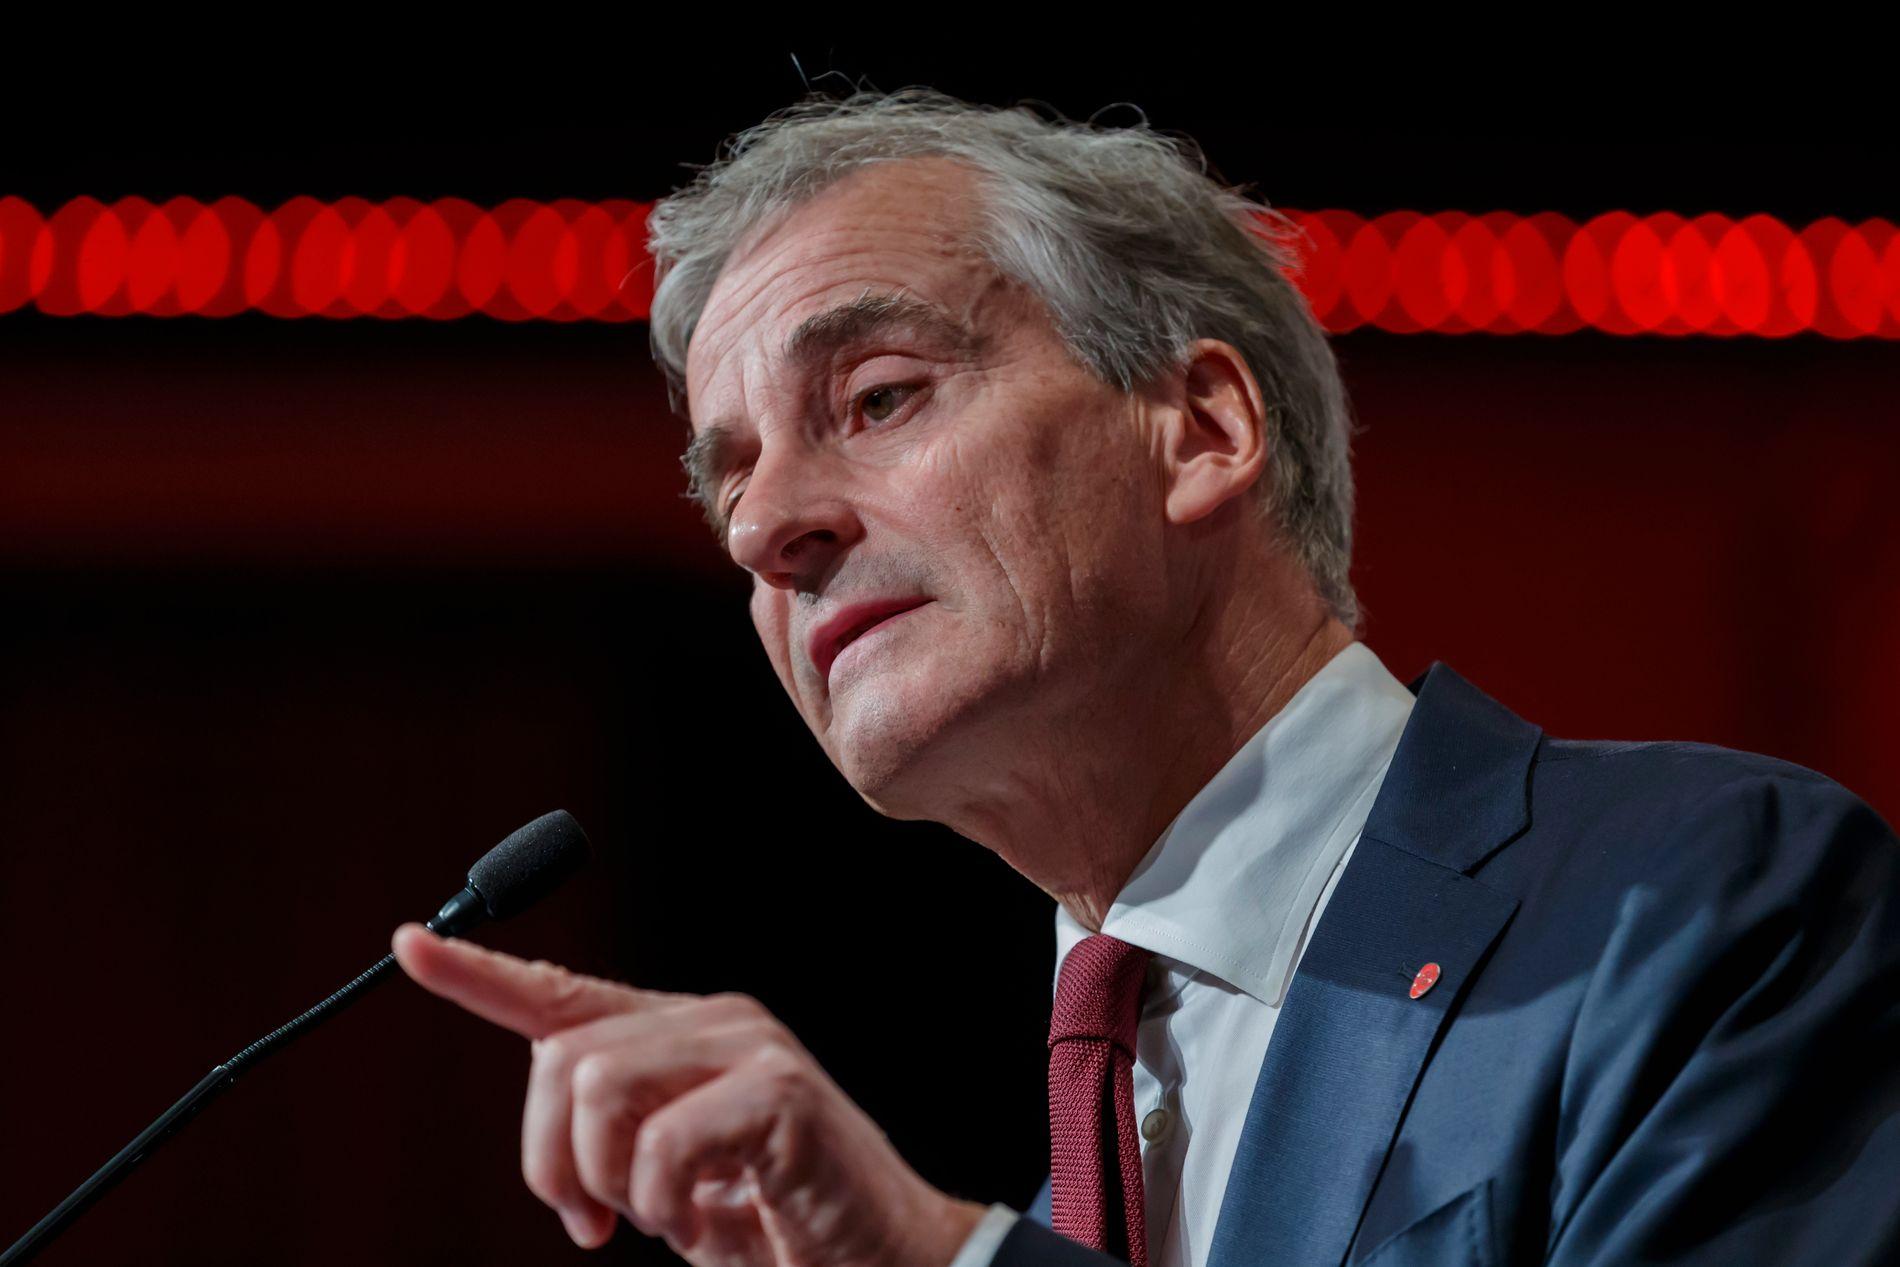 RETT PROFIL: Forslaget om å gje alle rett til «pensjon frå første krone» kan vere profileringssaka Ap treng. Men uproblematisk er ho ikkje, skriv BT-kommentator Hans K. Mjelva.